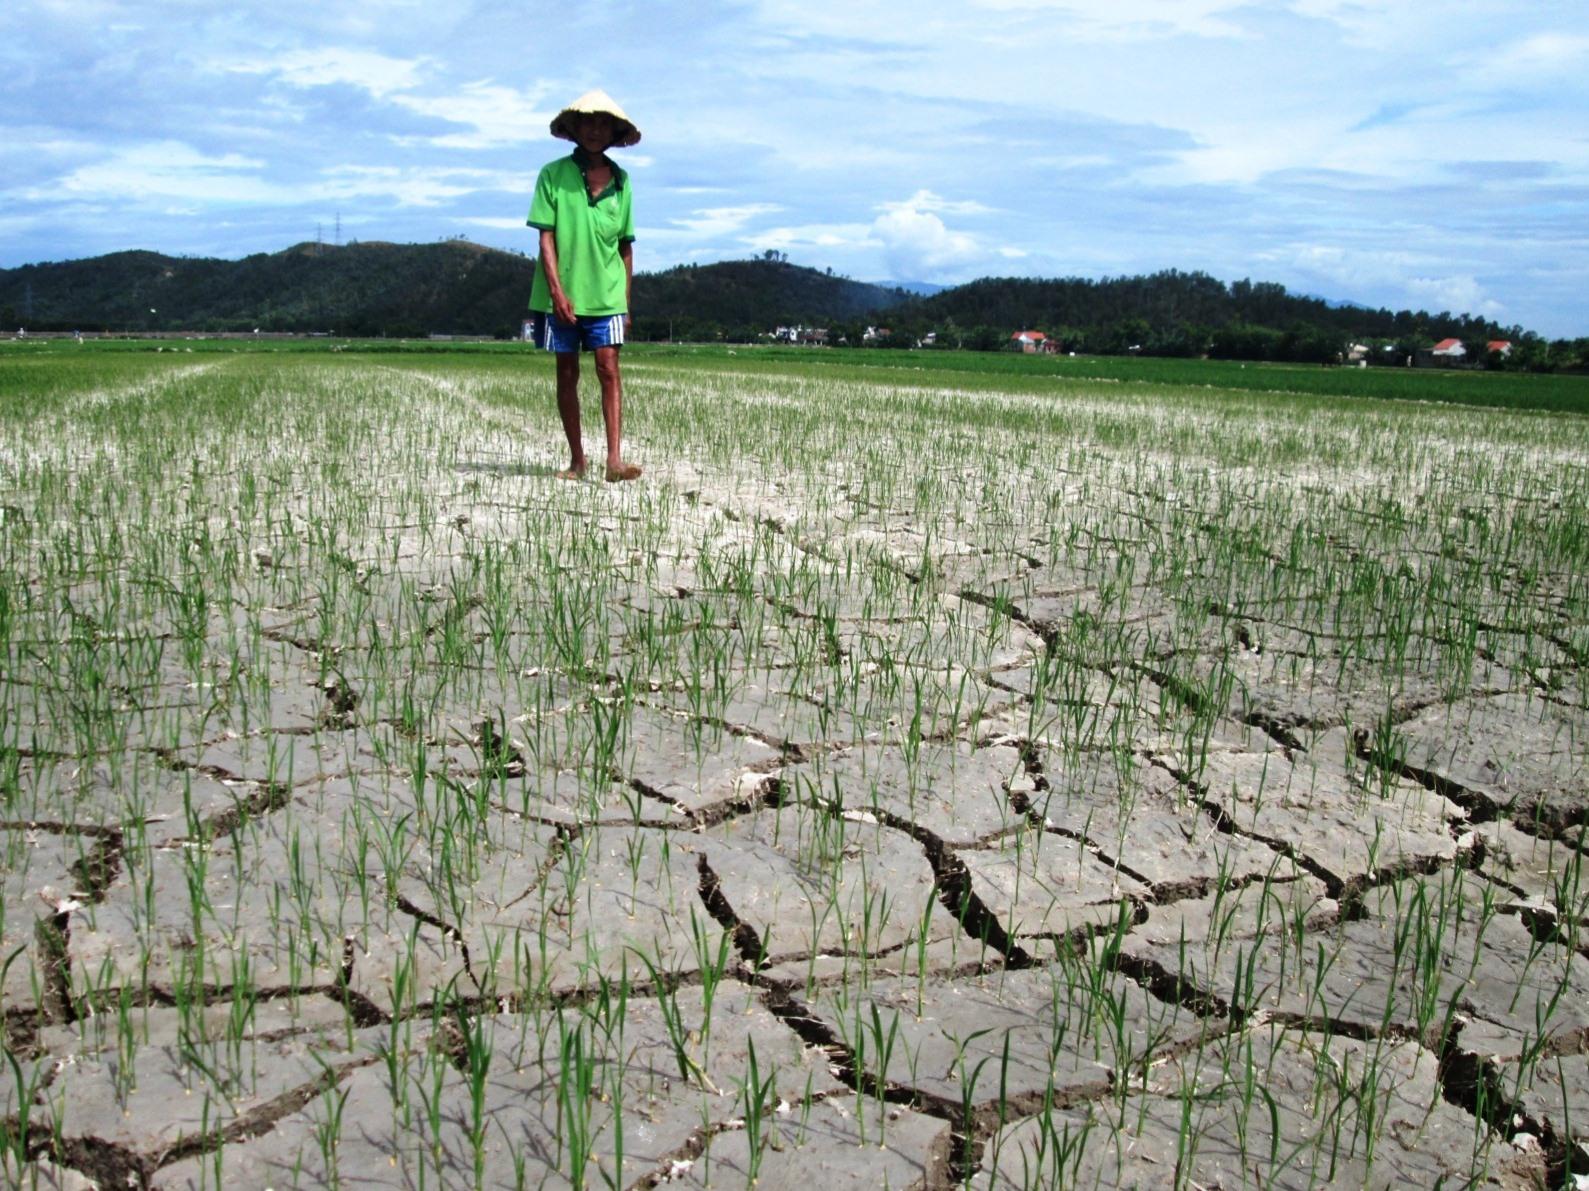 Thời gian tới, nếu nắng nóng tiếp tục kéo dài, mực nước của hàng loạt hồ chứa tụt giảm mạnh thì nguy cơ gần 10.000ha lúa hè thu sẽ bị khô hạn.